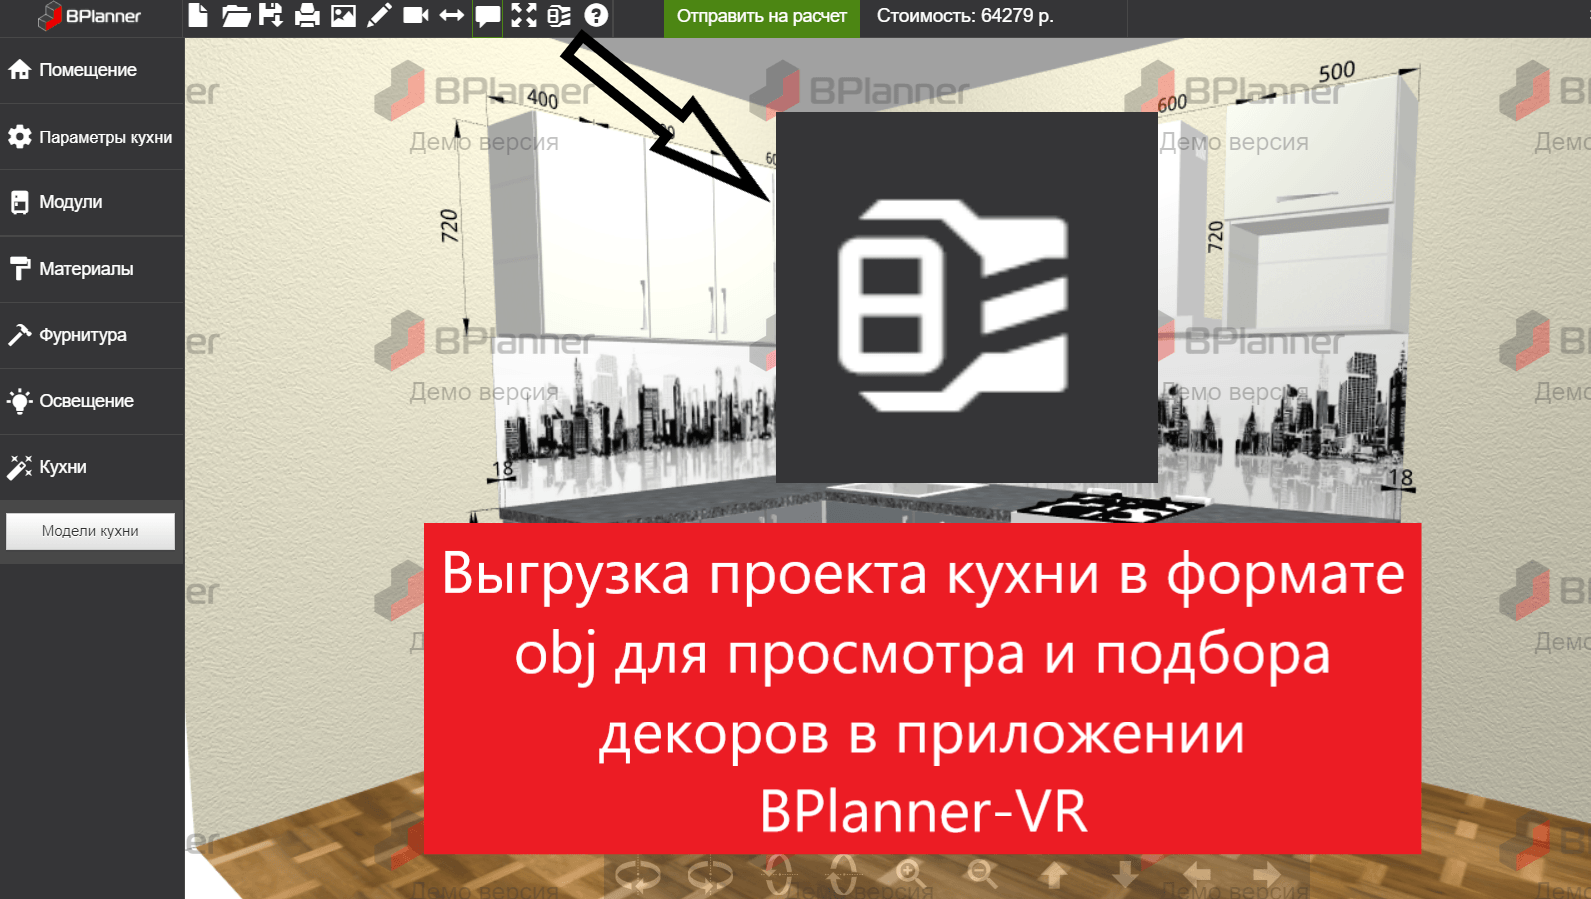 Хотите увидеть свою кухню в виртуальной реальности?